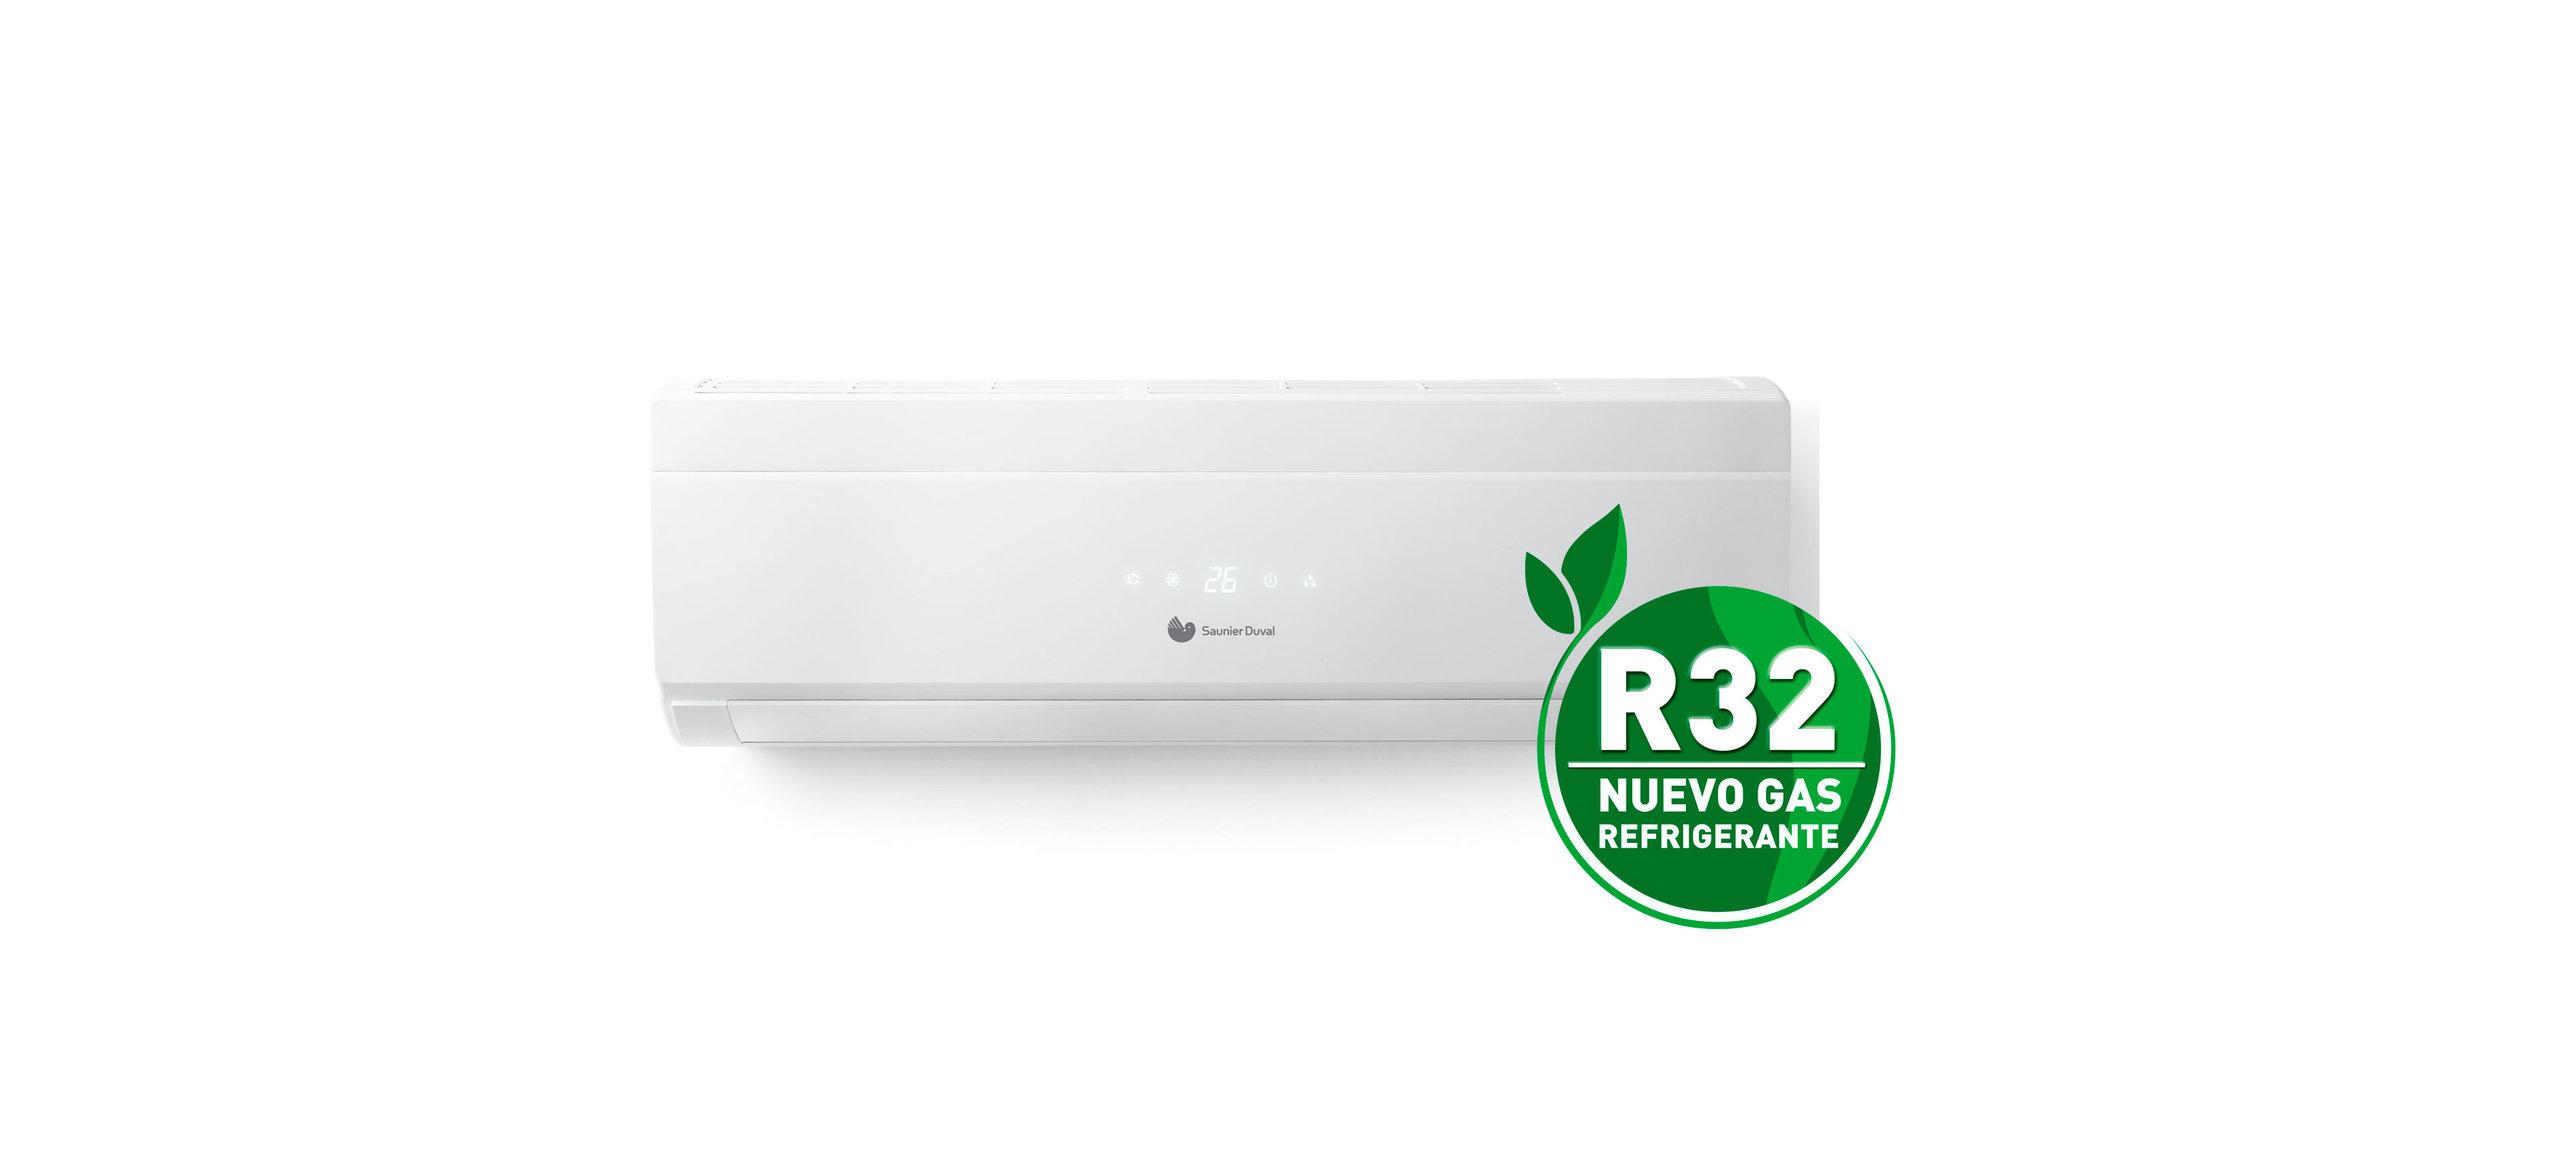 Nuevo refrigerante R32, más eficiente, más ecológico